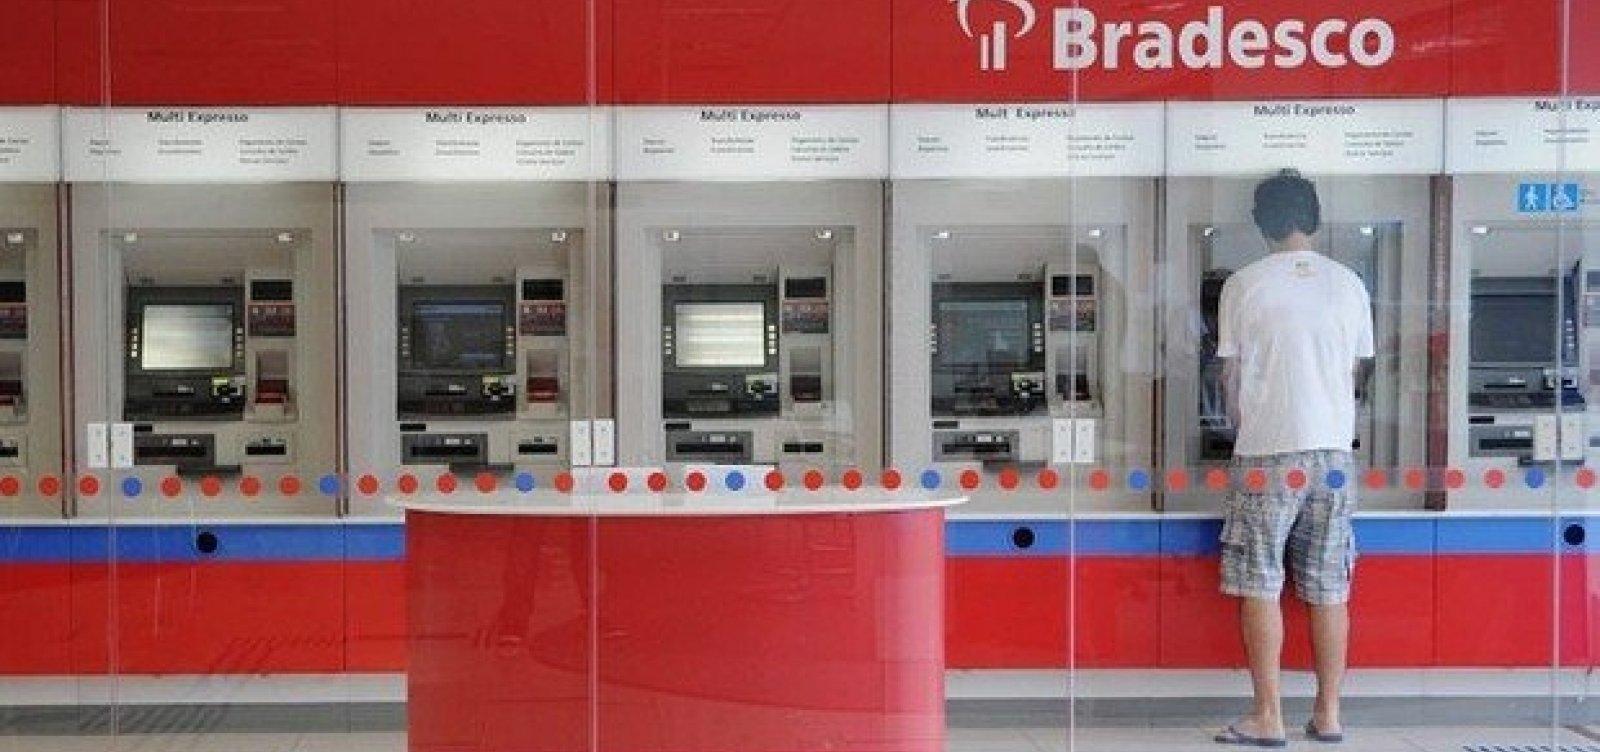 Lava Jato do RJ apura mais suspeitas de lavagem de dinheiro por meio de bancos